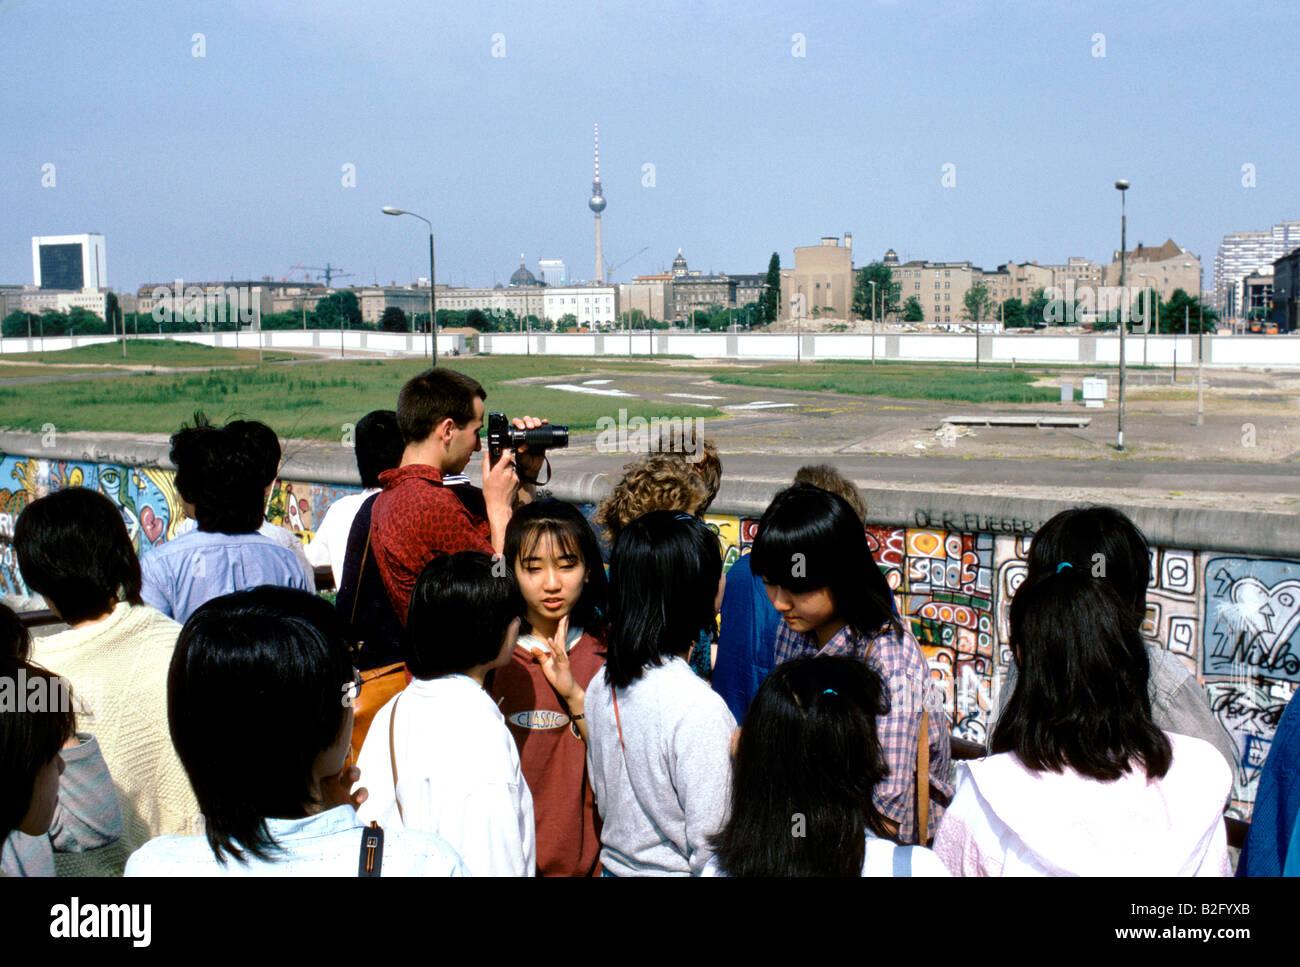 Les touristes sur le côté ouest du mur de Berlin 1986 Photo Stock